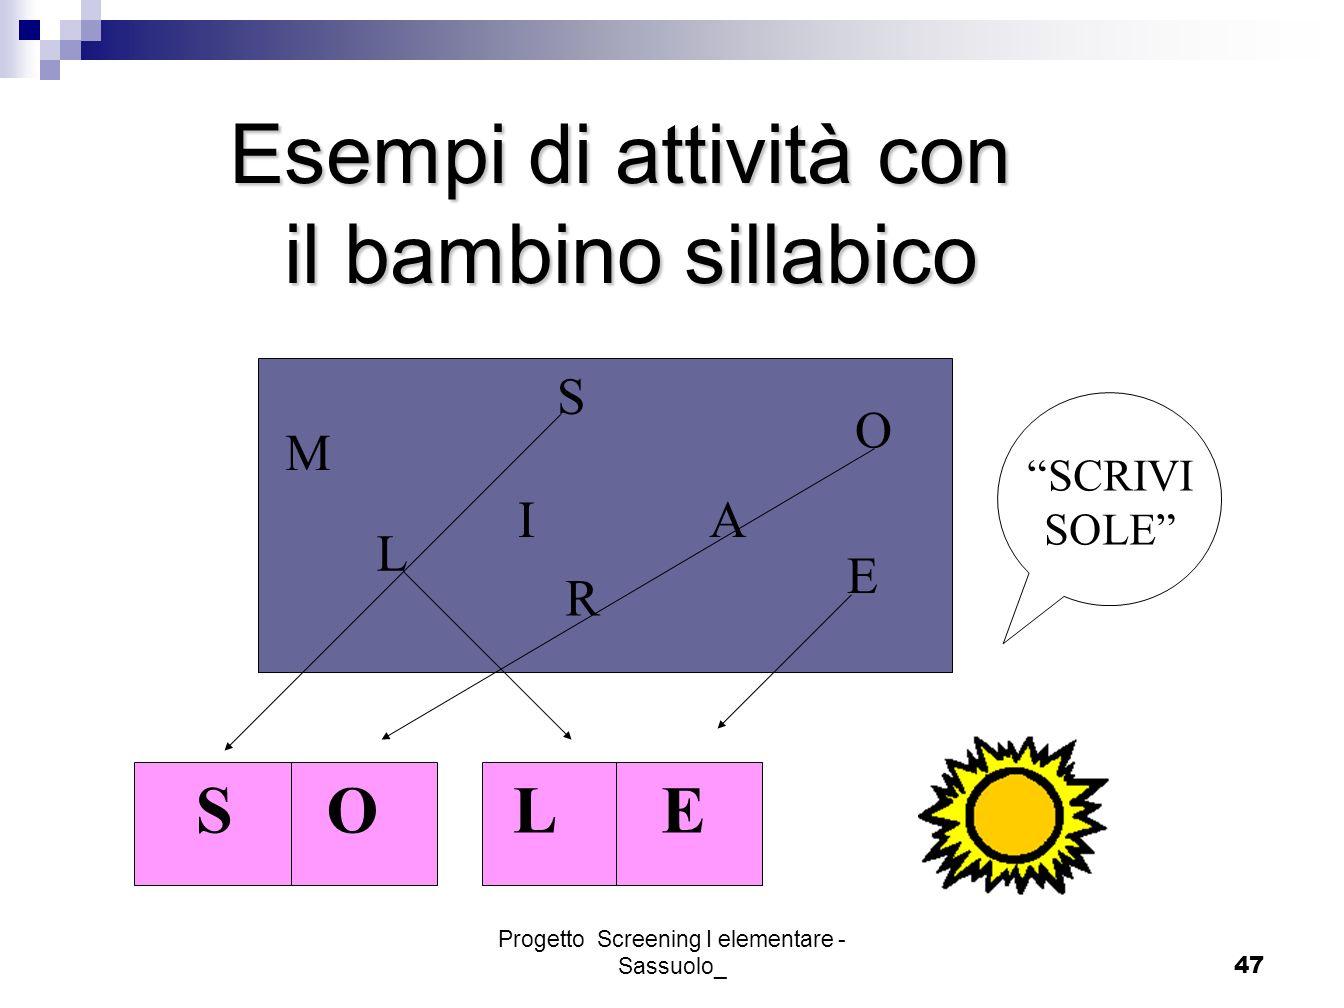 Progetto Screening I elementare - Sassuolo_47 Esempi di attività con il bambino sillabico M S L AI O E R SCRIVI SOLE SOLE